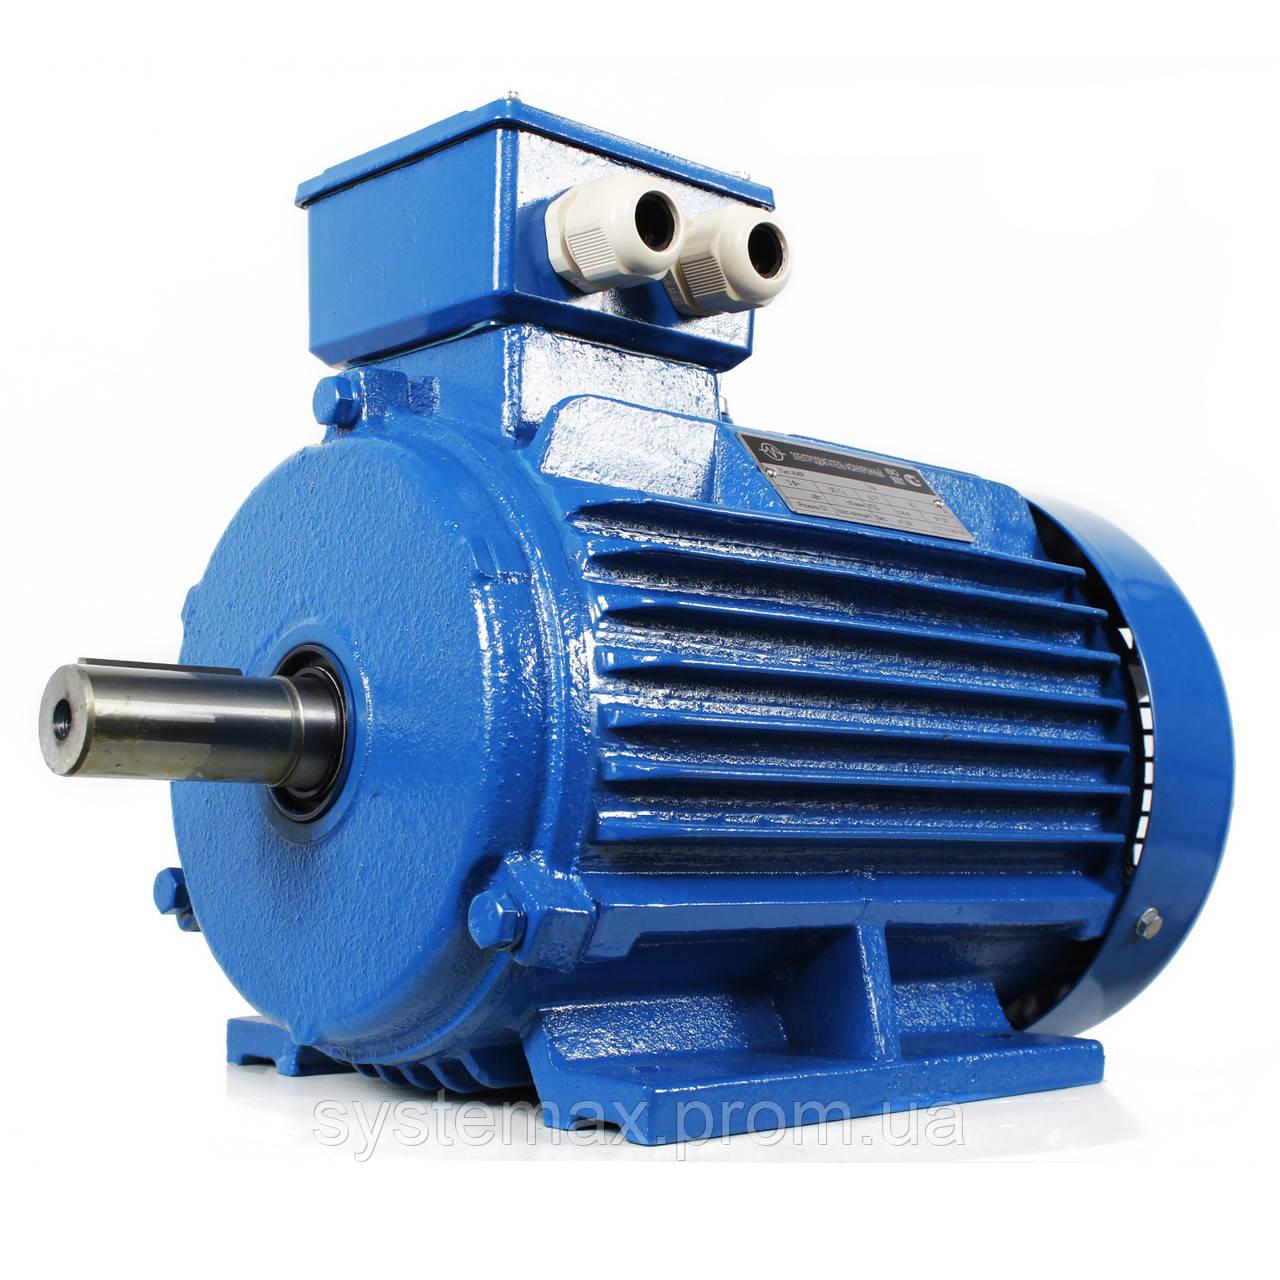 Электродвигатель АИР100L8 (АИР 100 L8) 1,5 кВт 750 об/мин